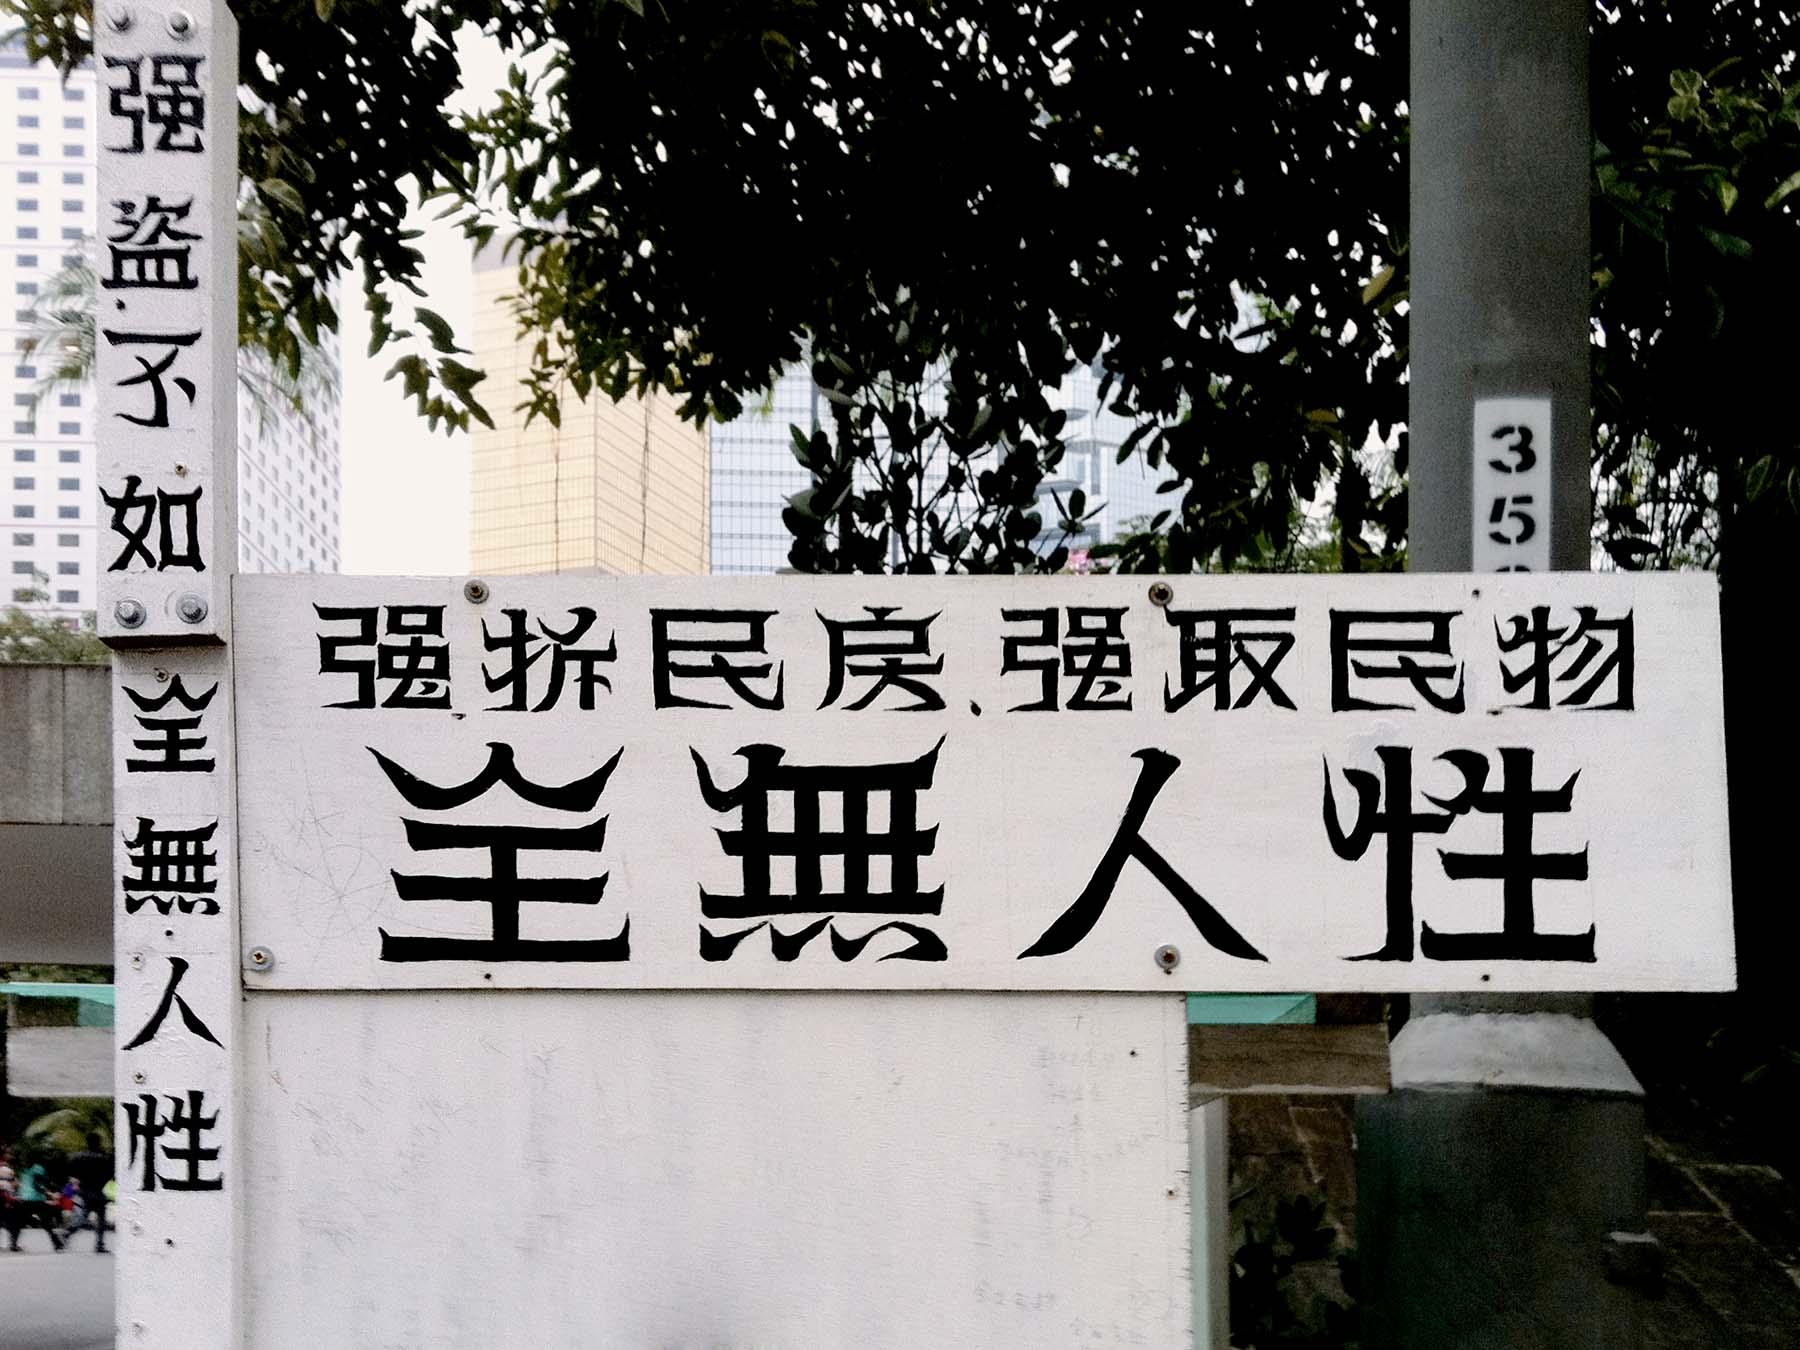 China 17 Jianping He lo